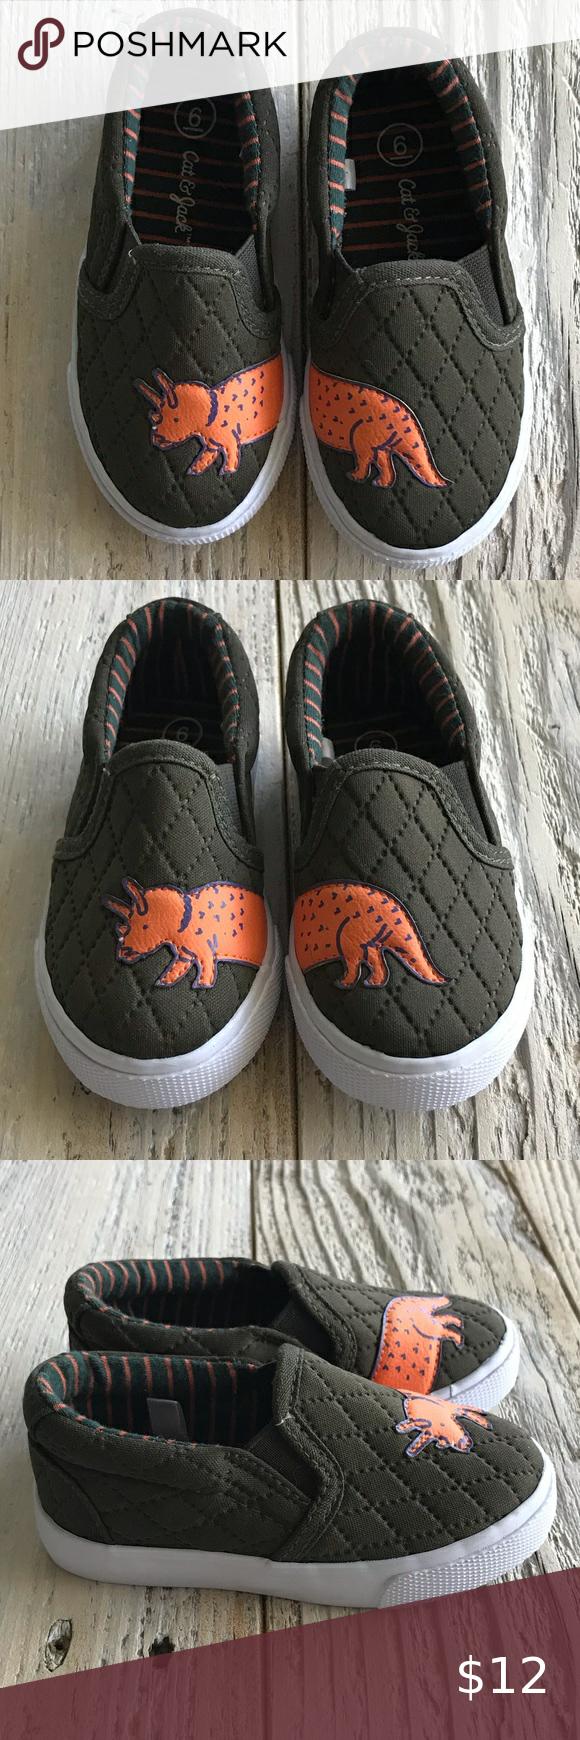 never worn Cat \u0026 Jack sneakers